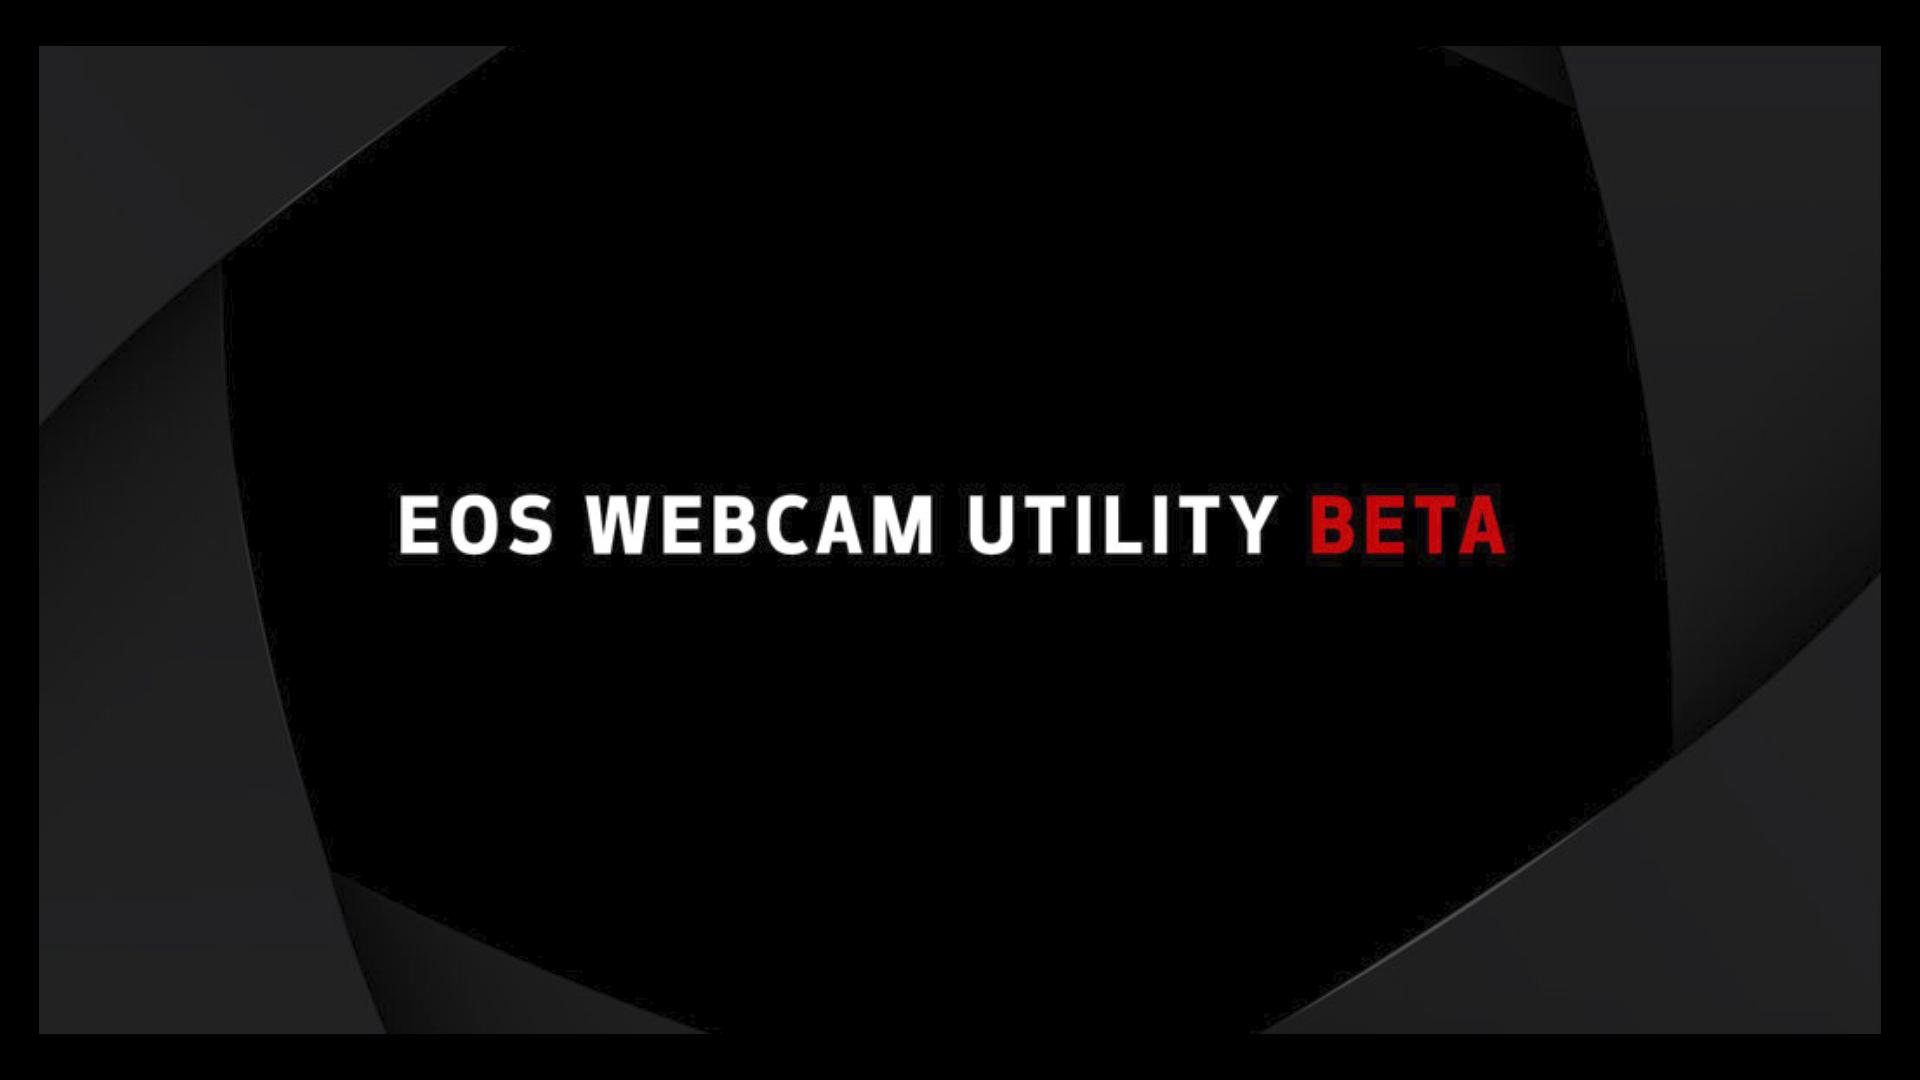 EOS Webcam Utility Beta de Canon: ahora también disponible para macOS